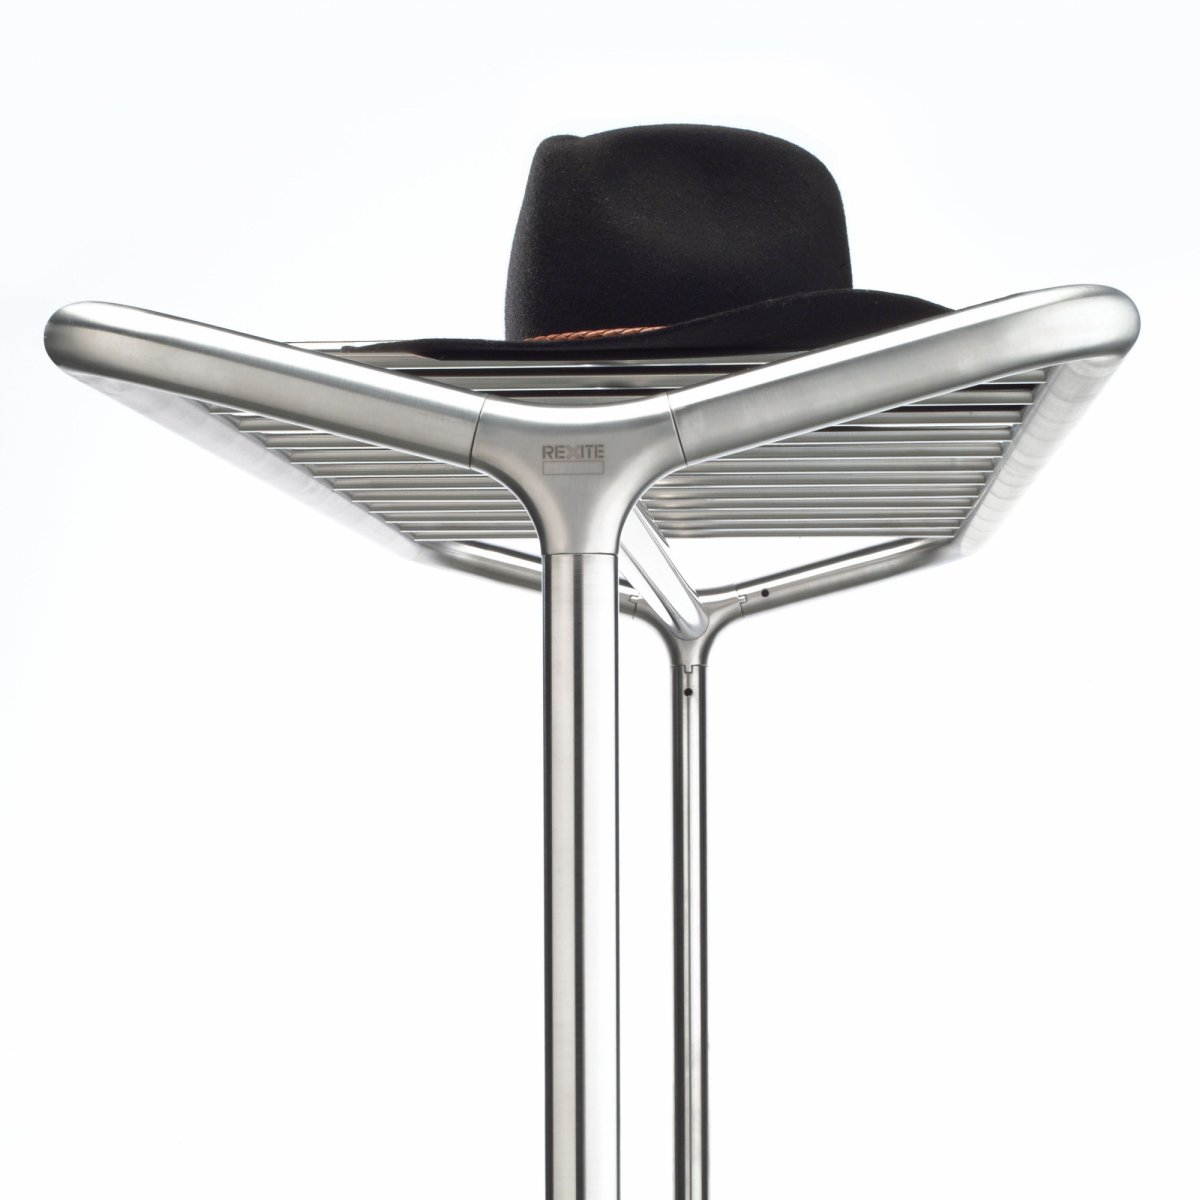 Rexite APPENDIABITI NOX VESTA CON cappelliera